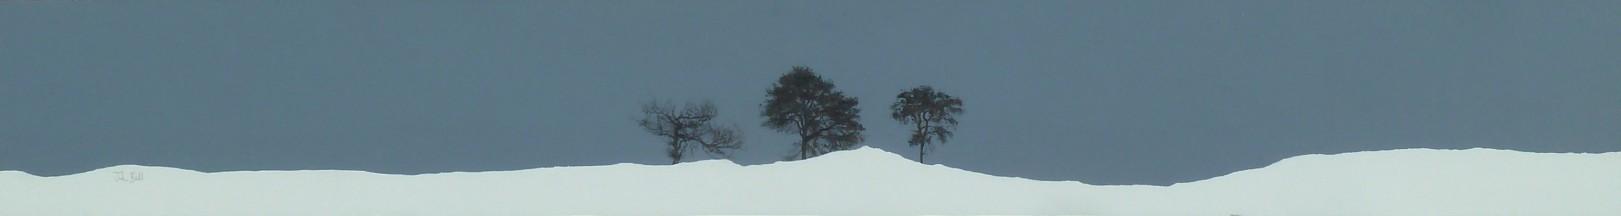 Three trees, Sidlaws